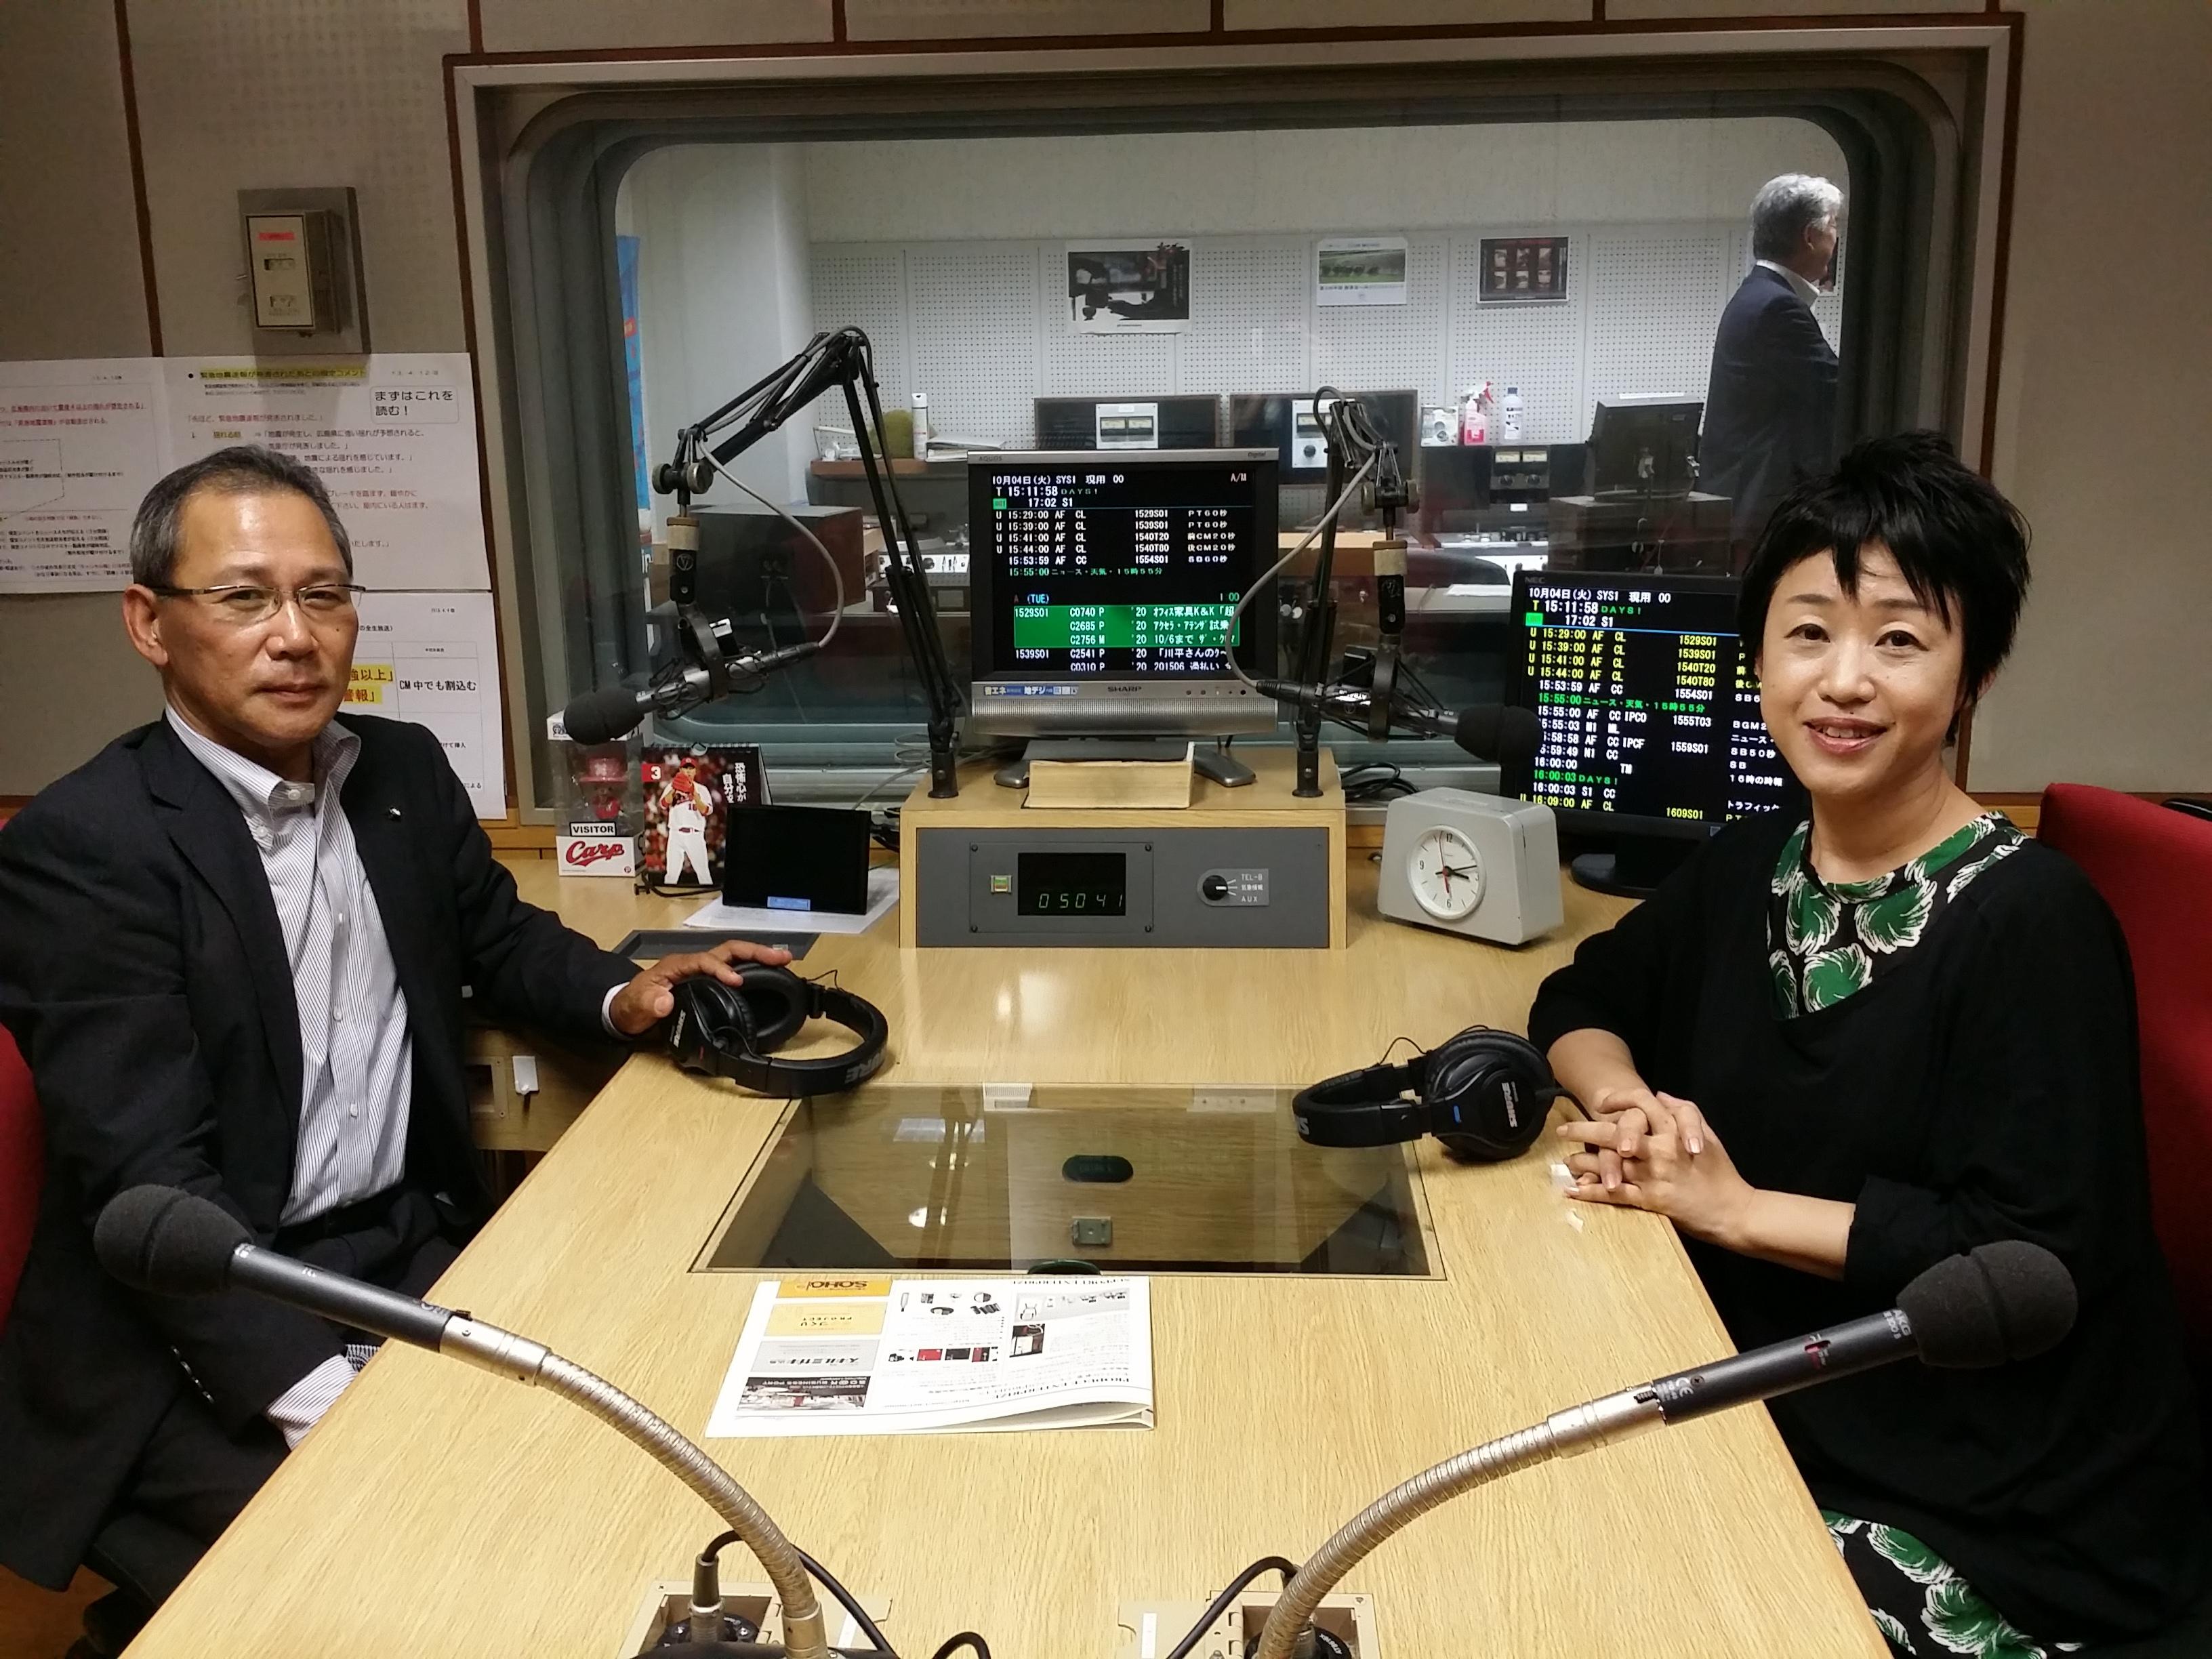 先週に引き続き、ゲストは 株式会社ソアラサービス 代表取締役社長 牛来千鶴 さん